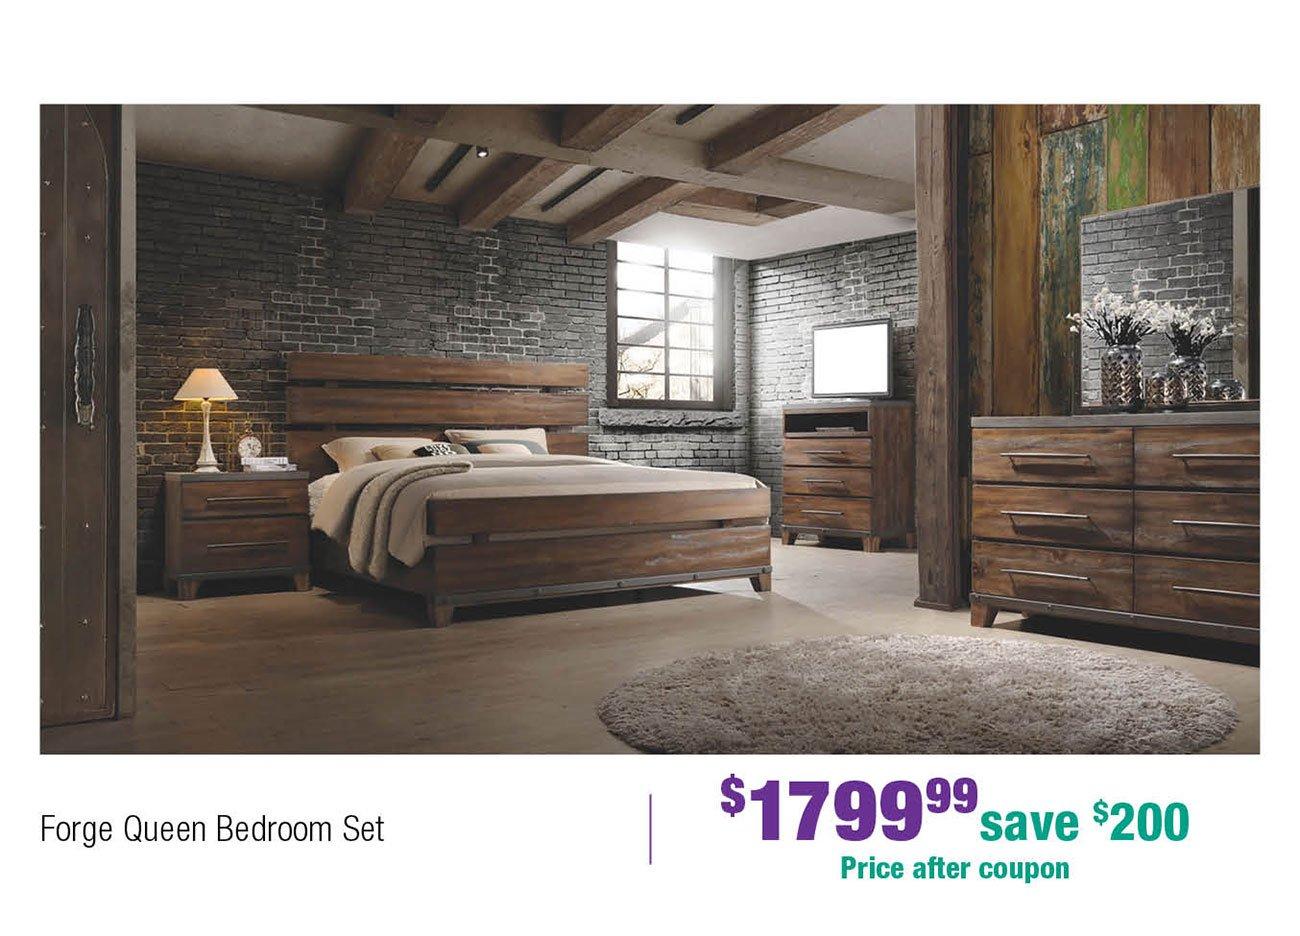 Forge-queen-bedroom-set